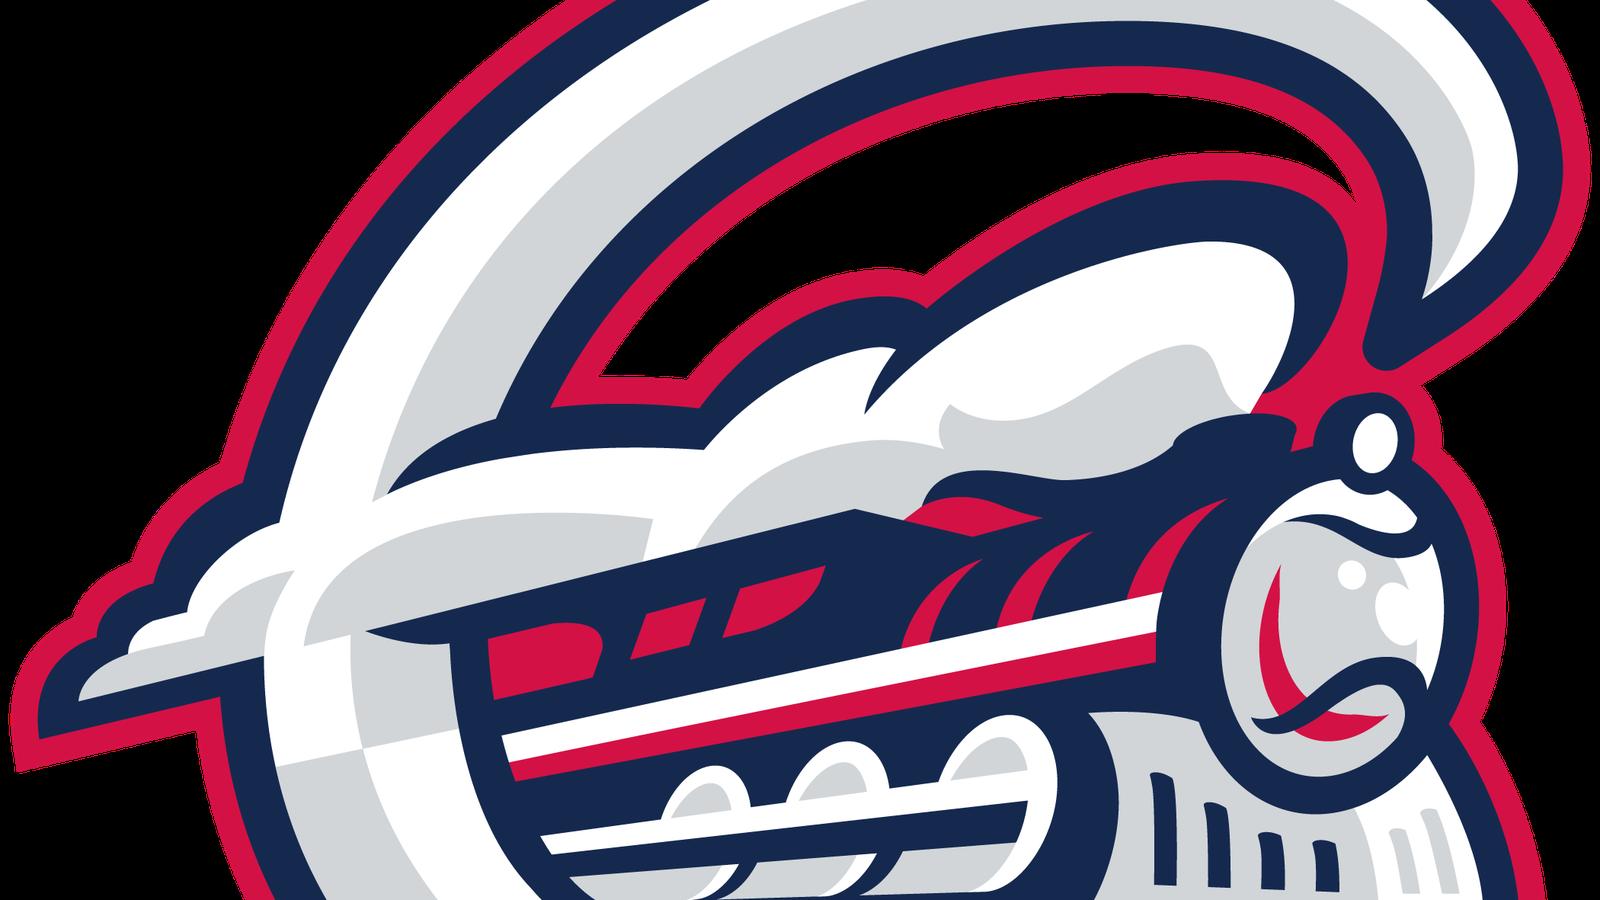 C-logo.0.0